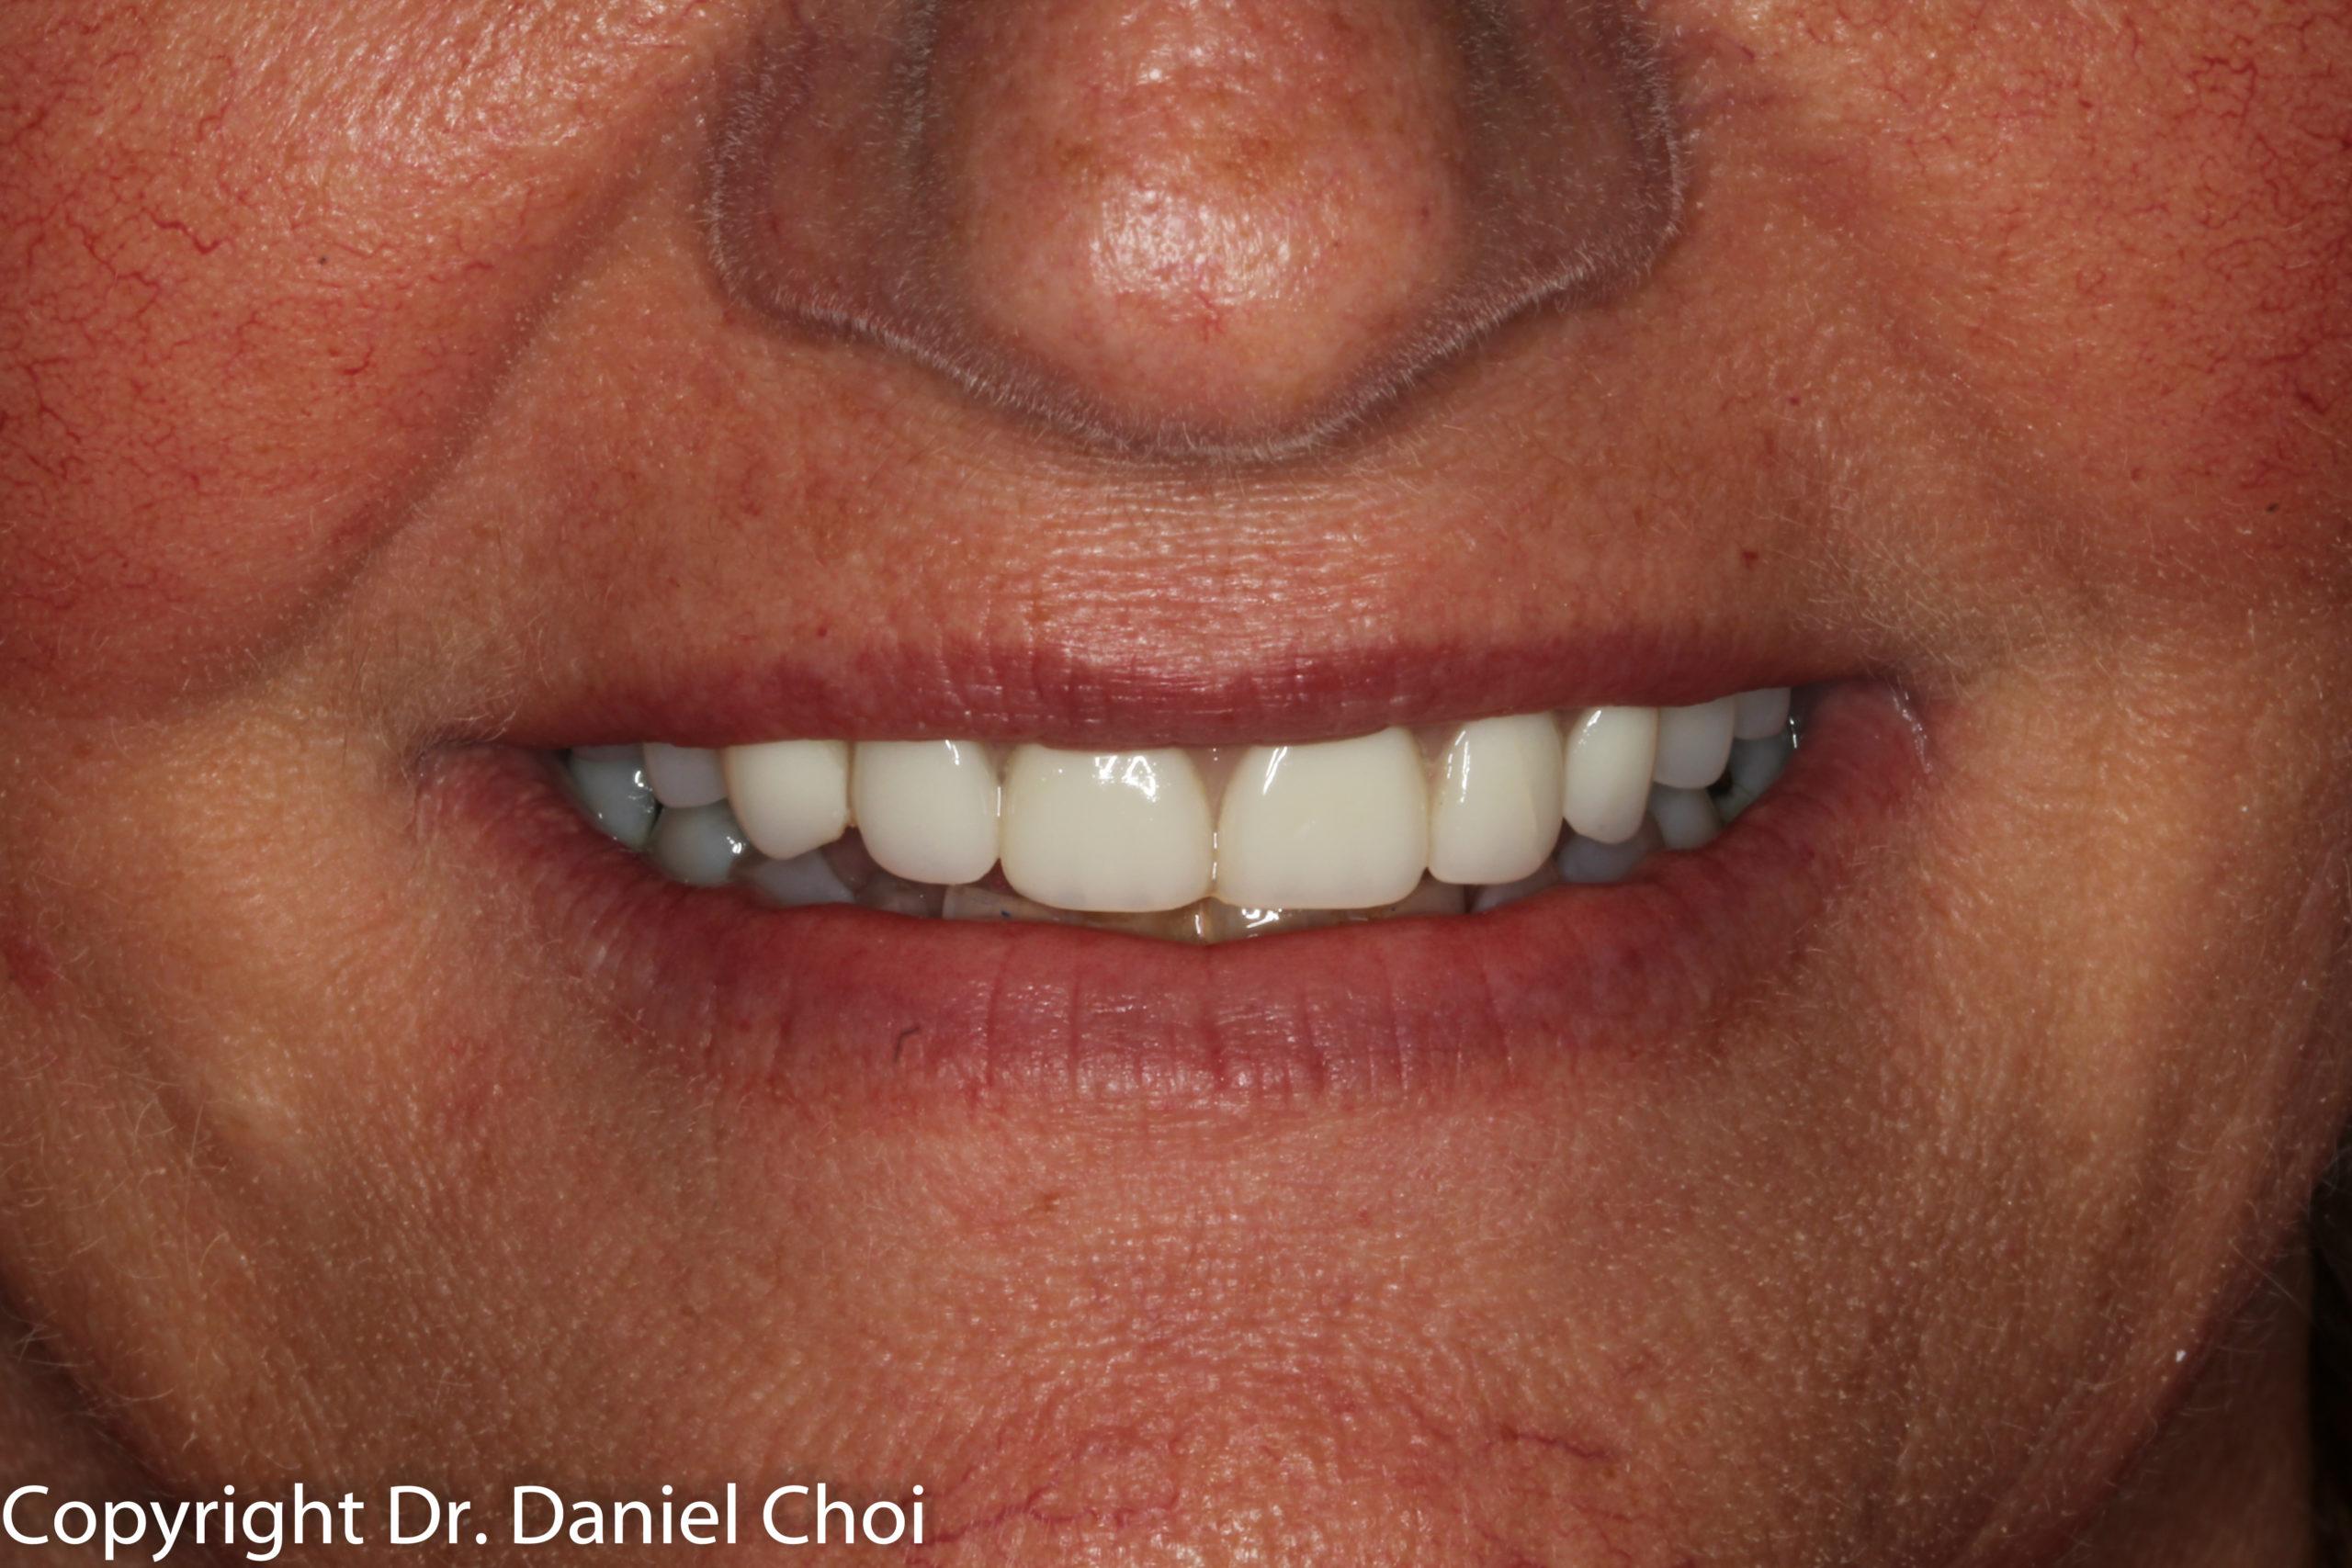 After Denture Implants